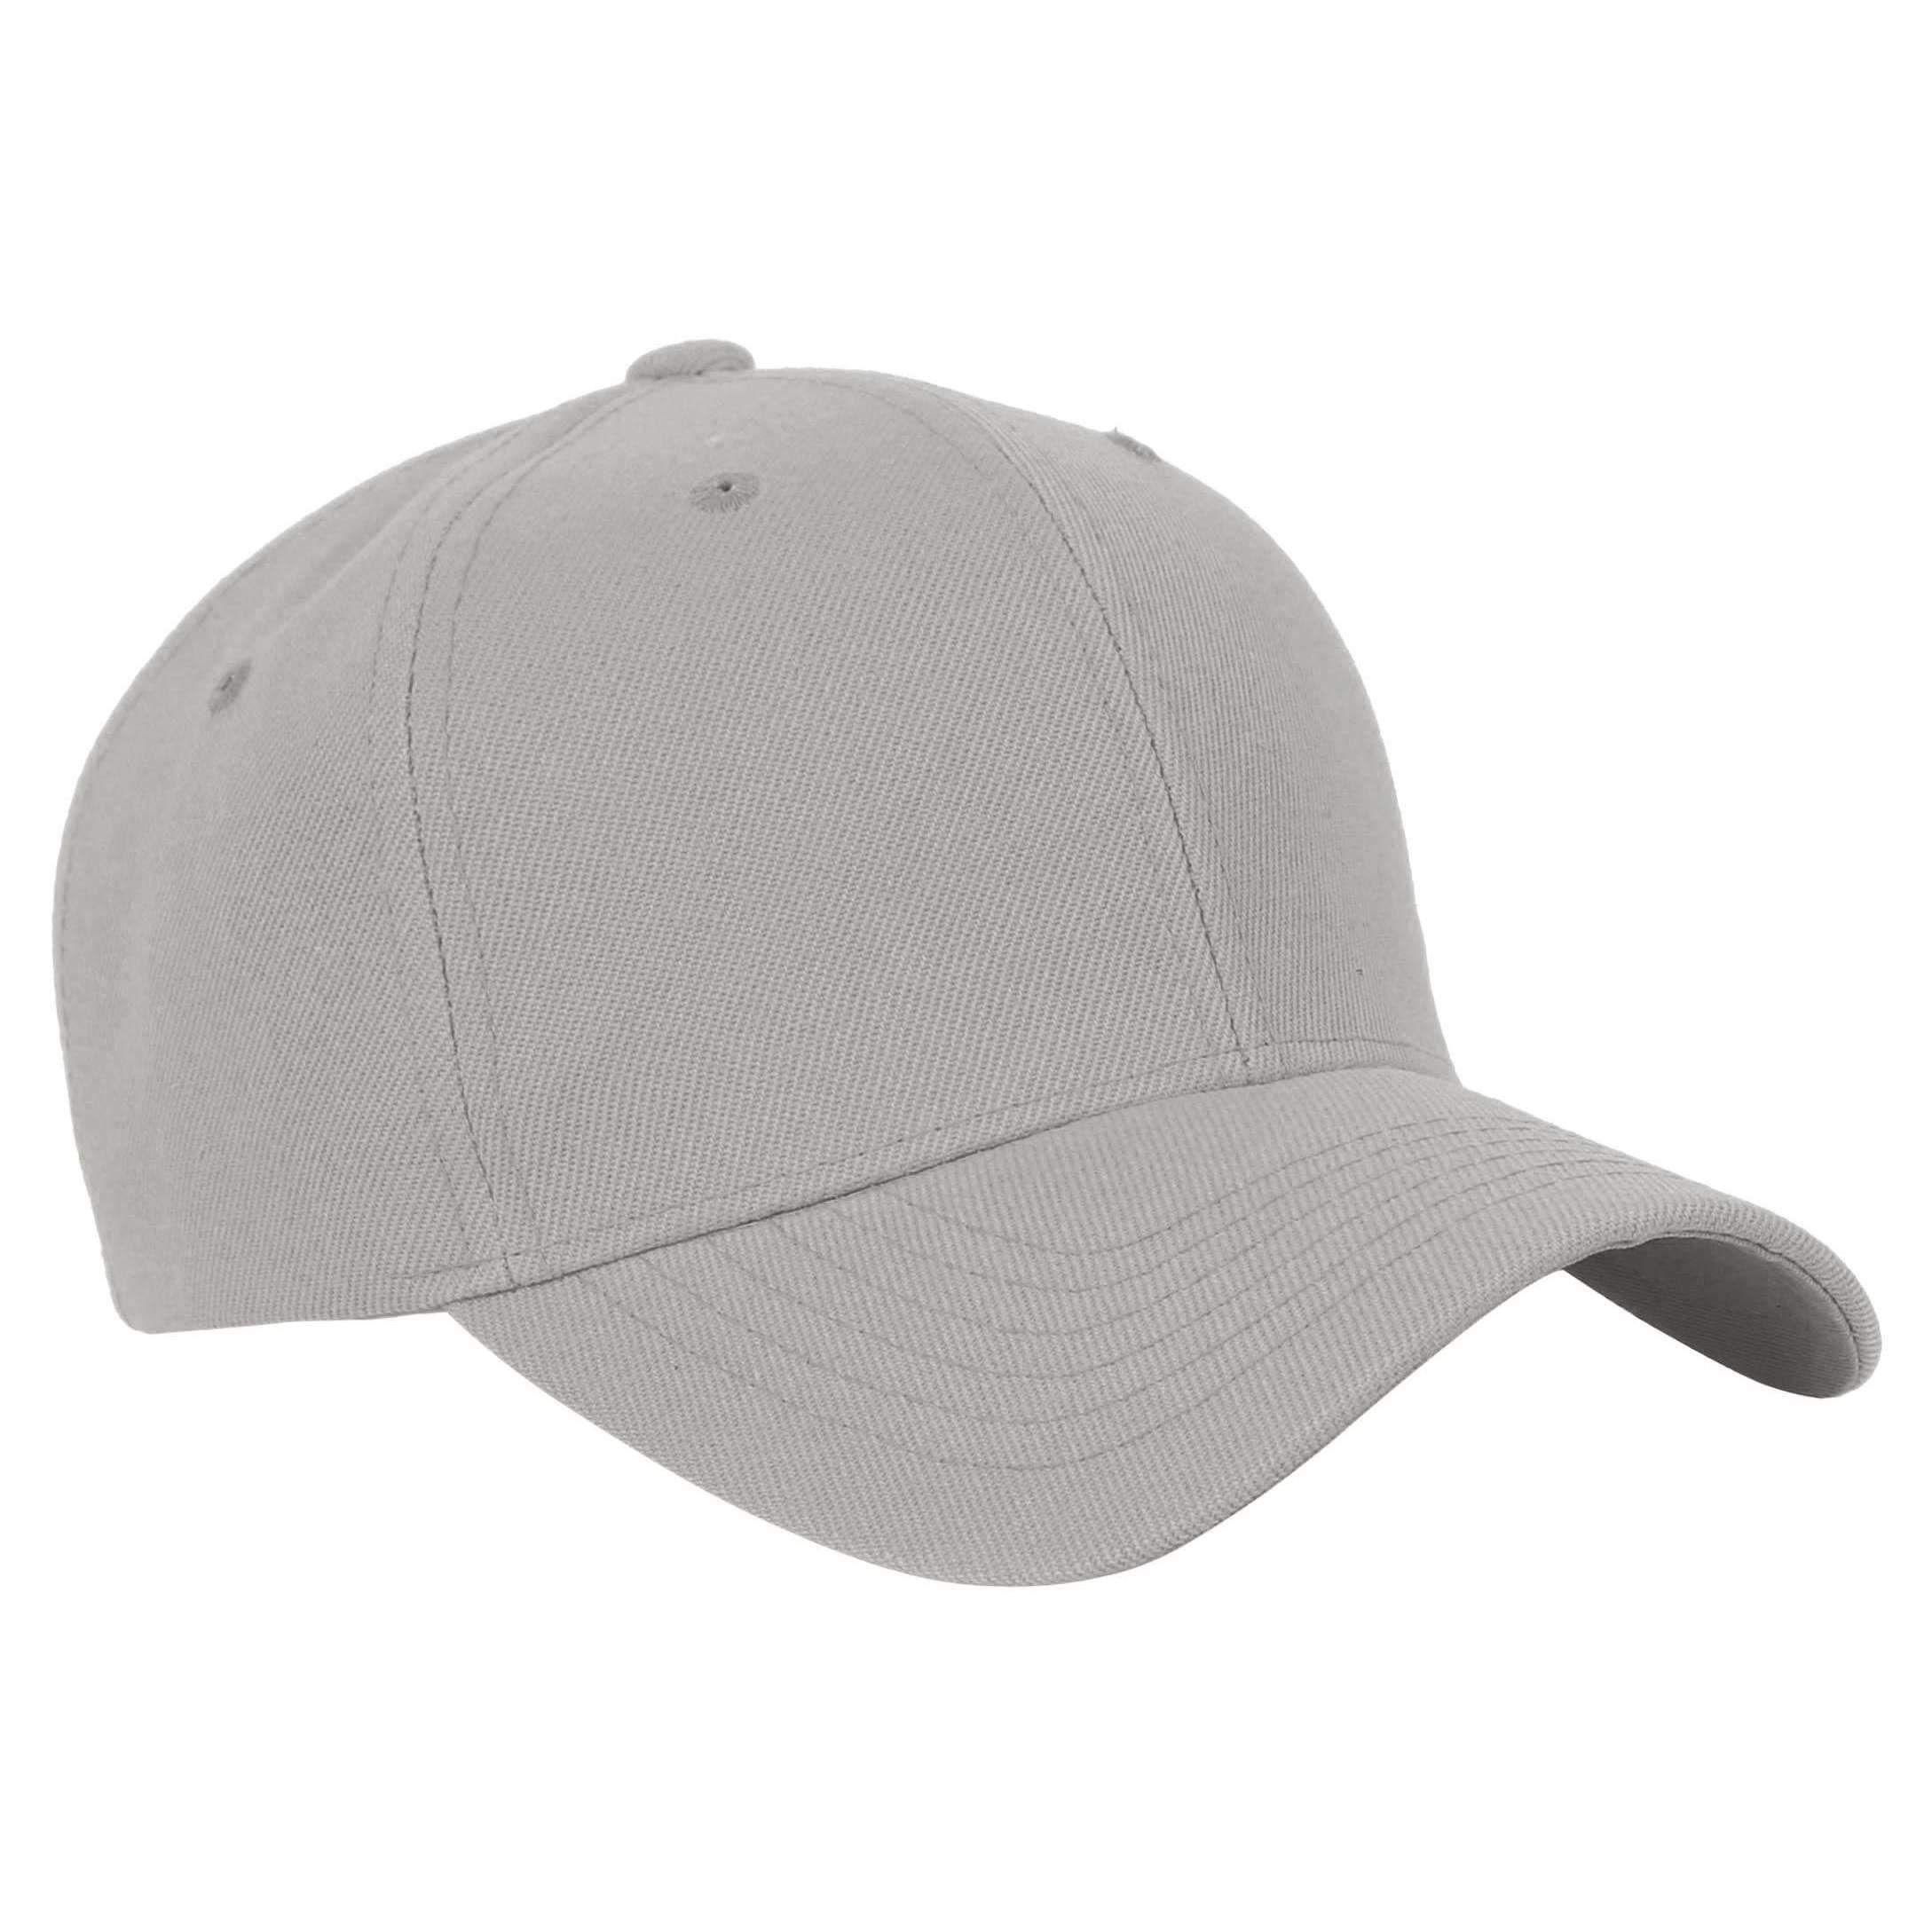 f1a71a8c6f1 Solid Adjustable Velcro Baseball Cap